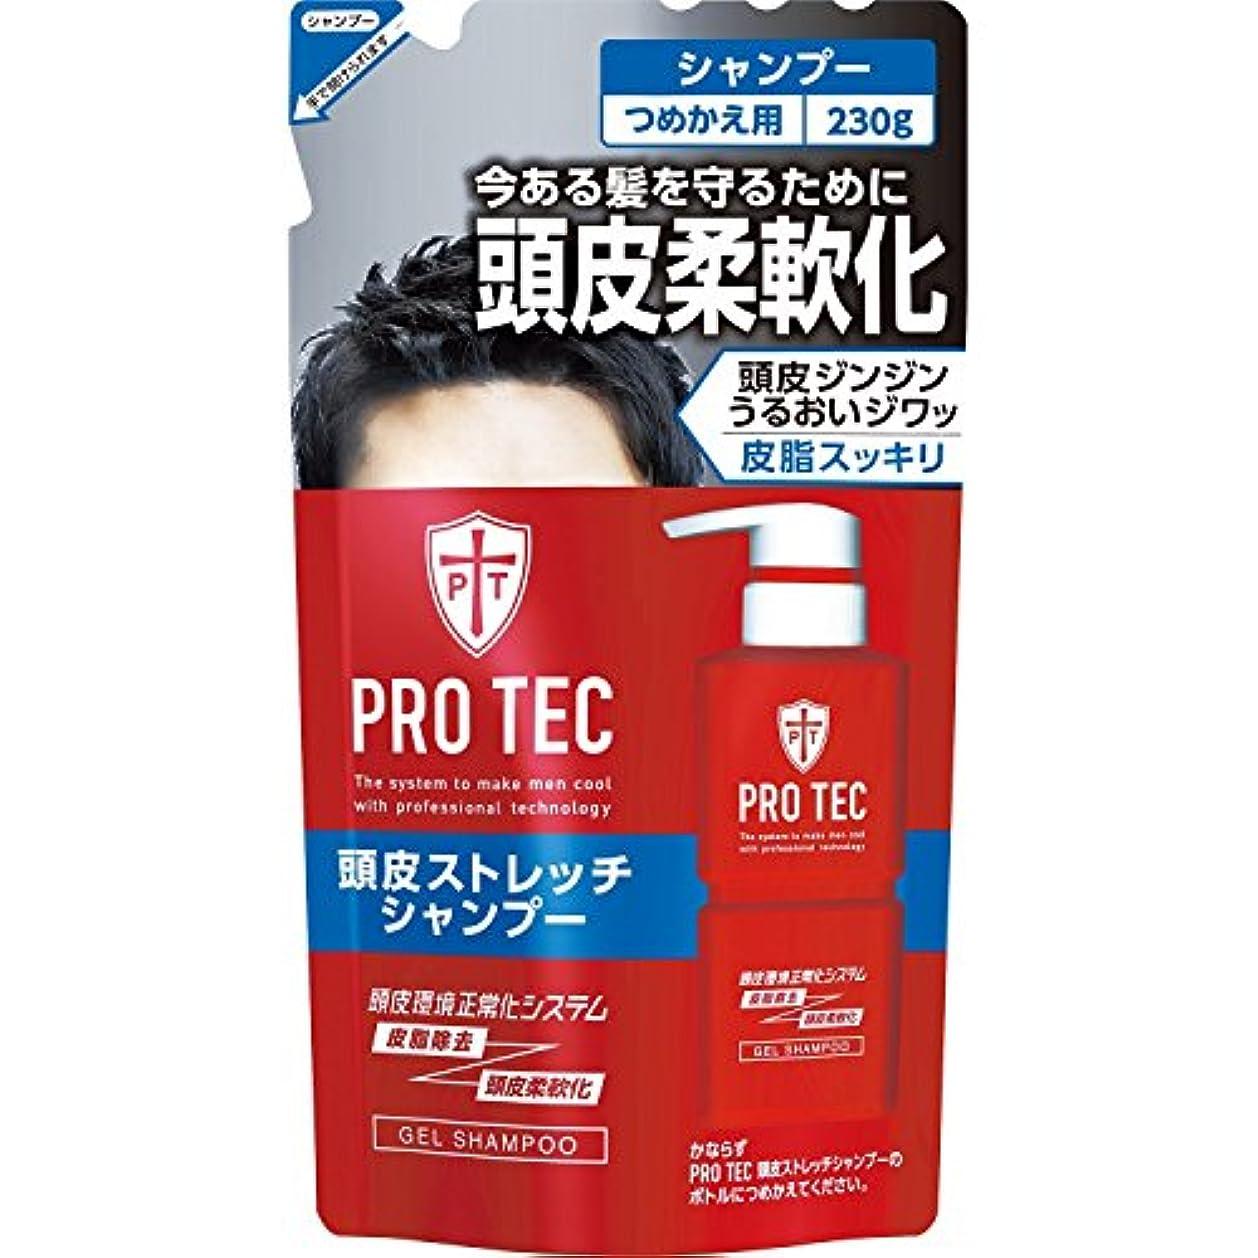 権利を与える単調なフェロー諸島PRO TEC(プロテク) 頭皮ストレッチシャンプー つめかえ用 230g (医薬部外品) ×10個セット